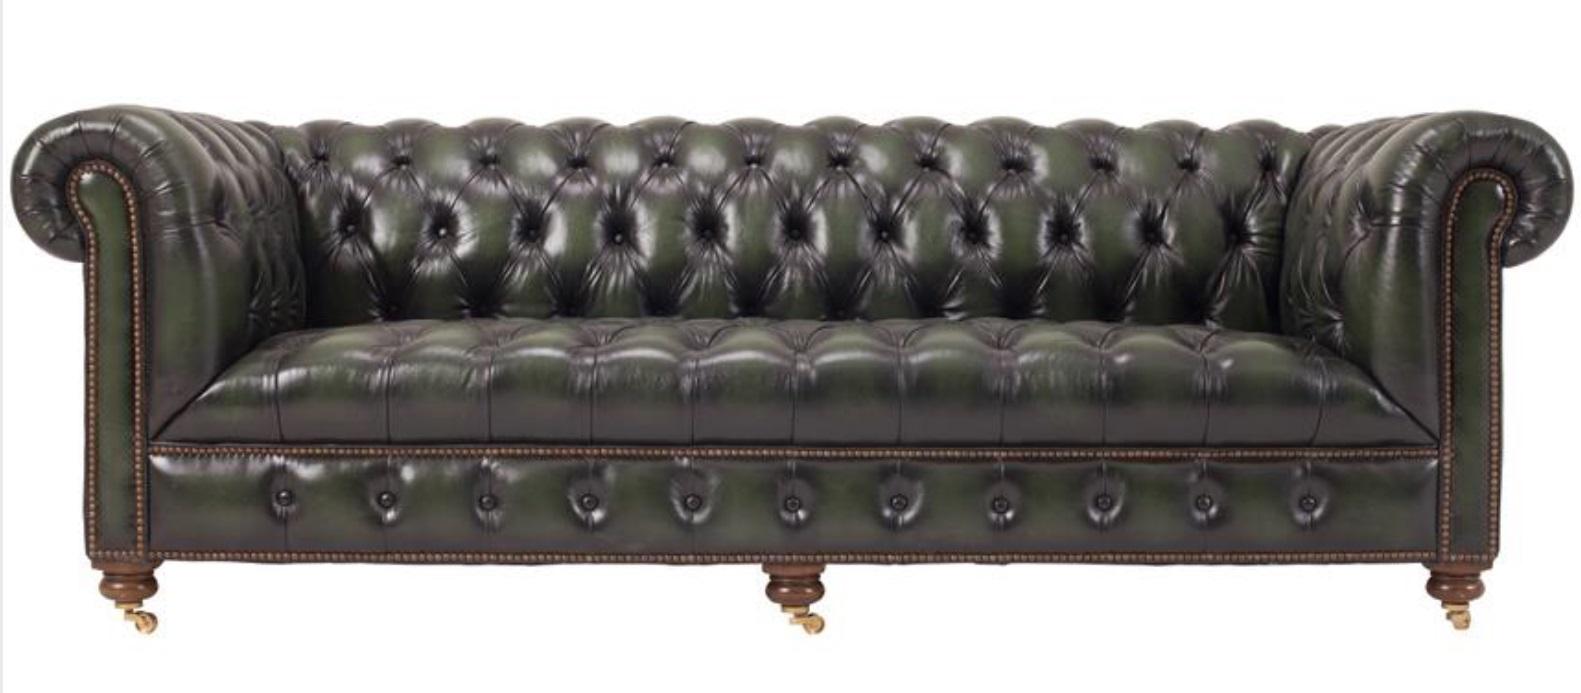 100% Echtes Leder Chesterfield Couch Polster Garnitur Sofa 3 Sitz Sofas Jvmoebel